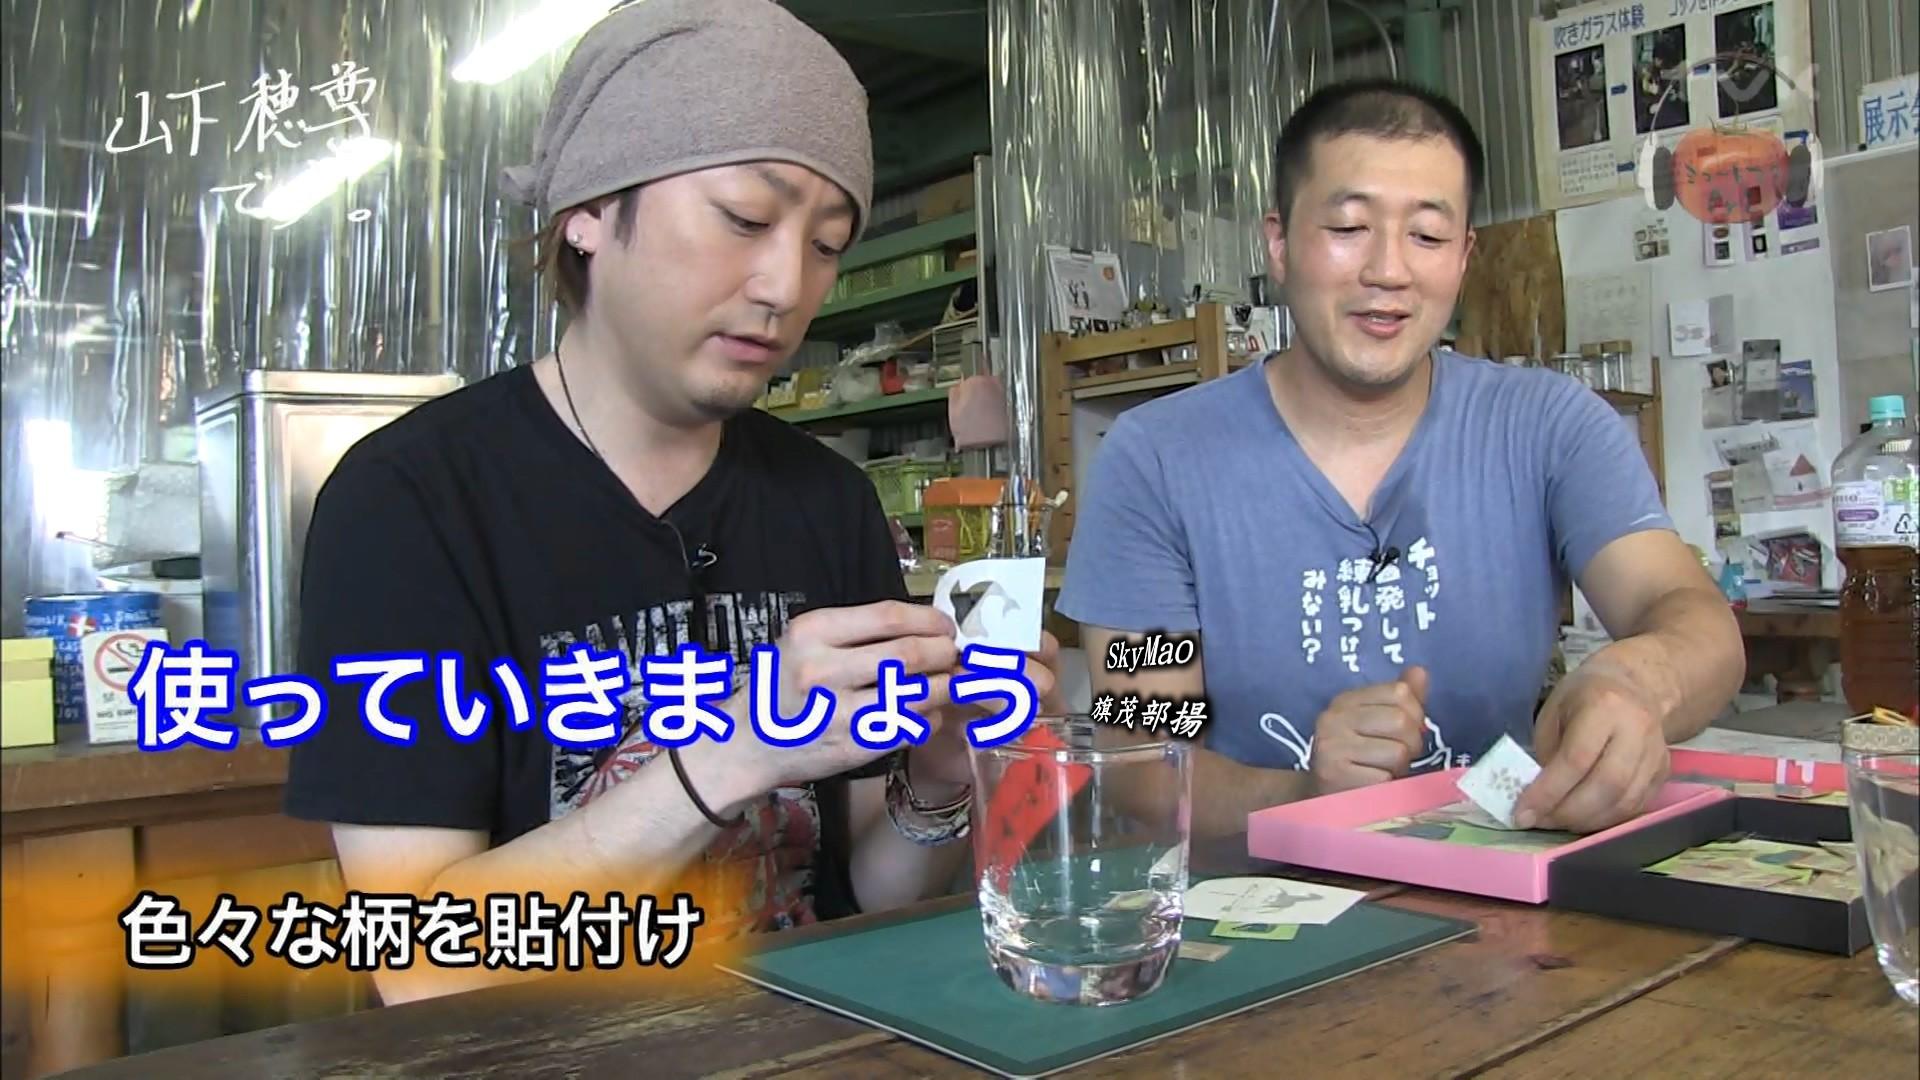 2017.09.29 全場(ミュートマ2).ts_20170930_015141.601